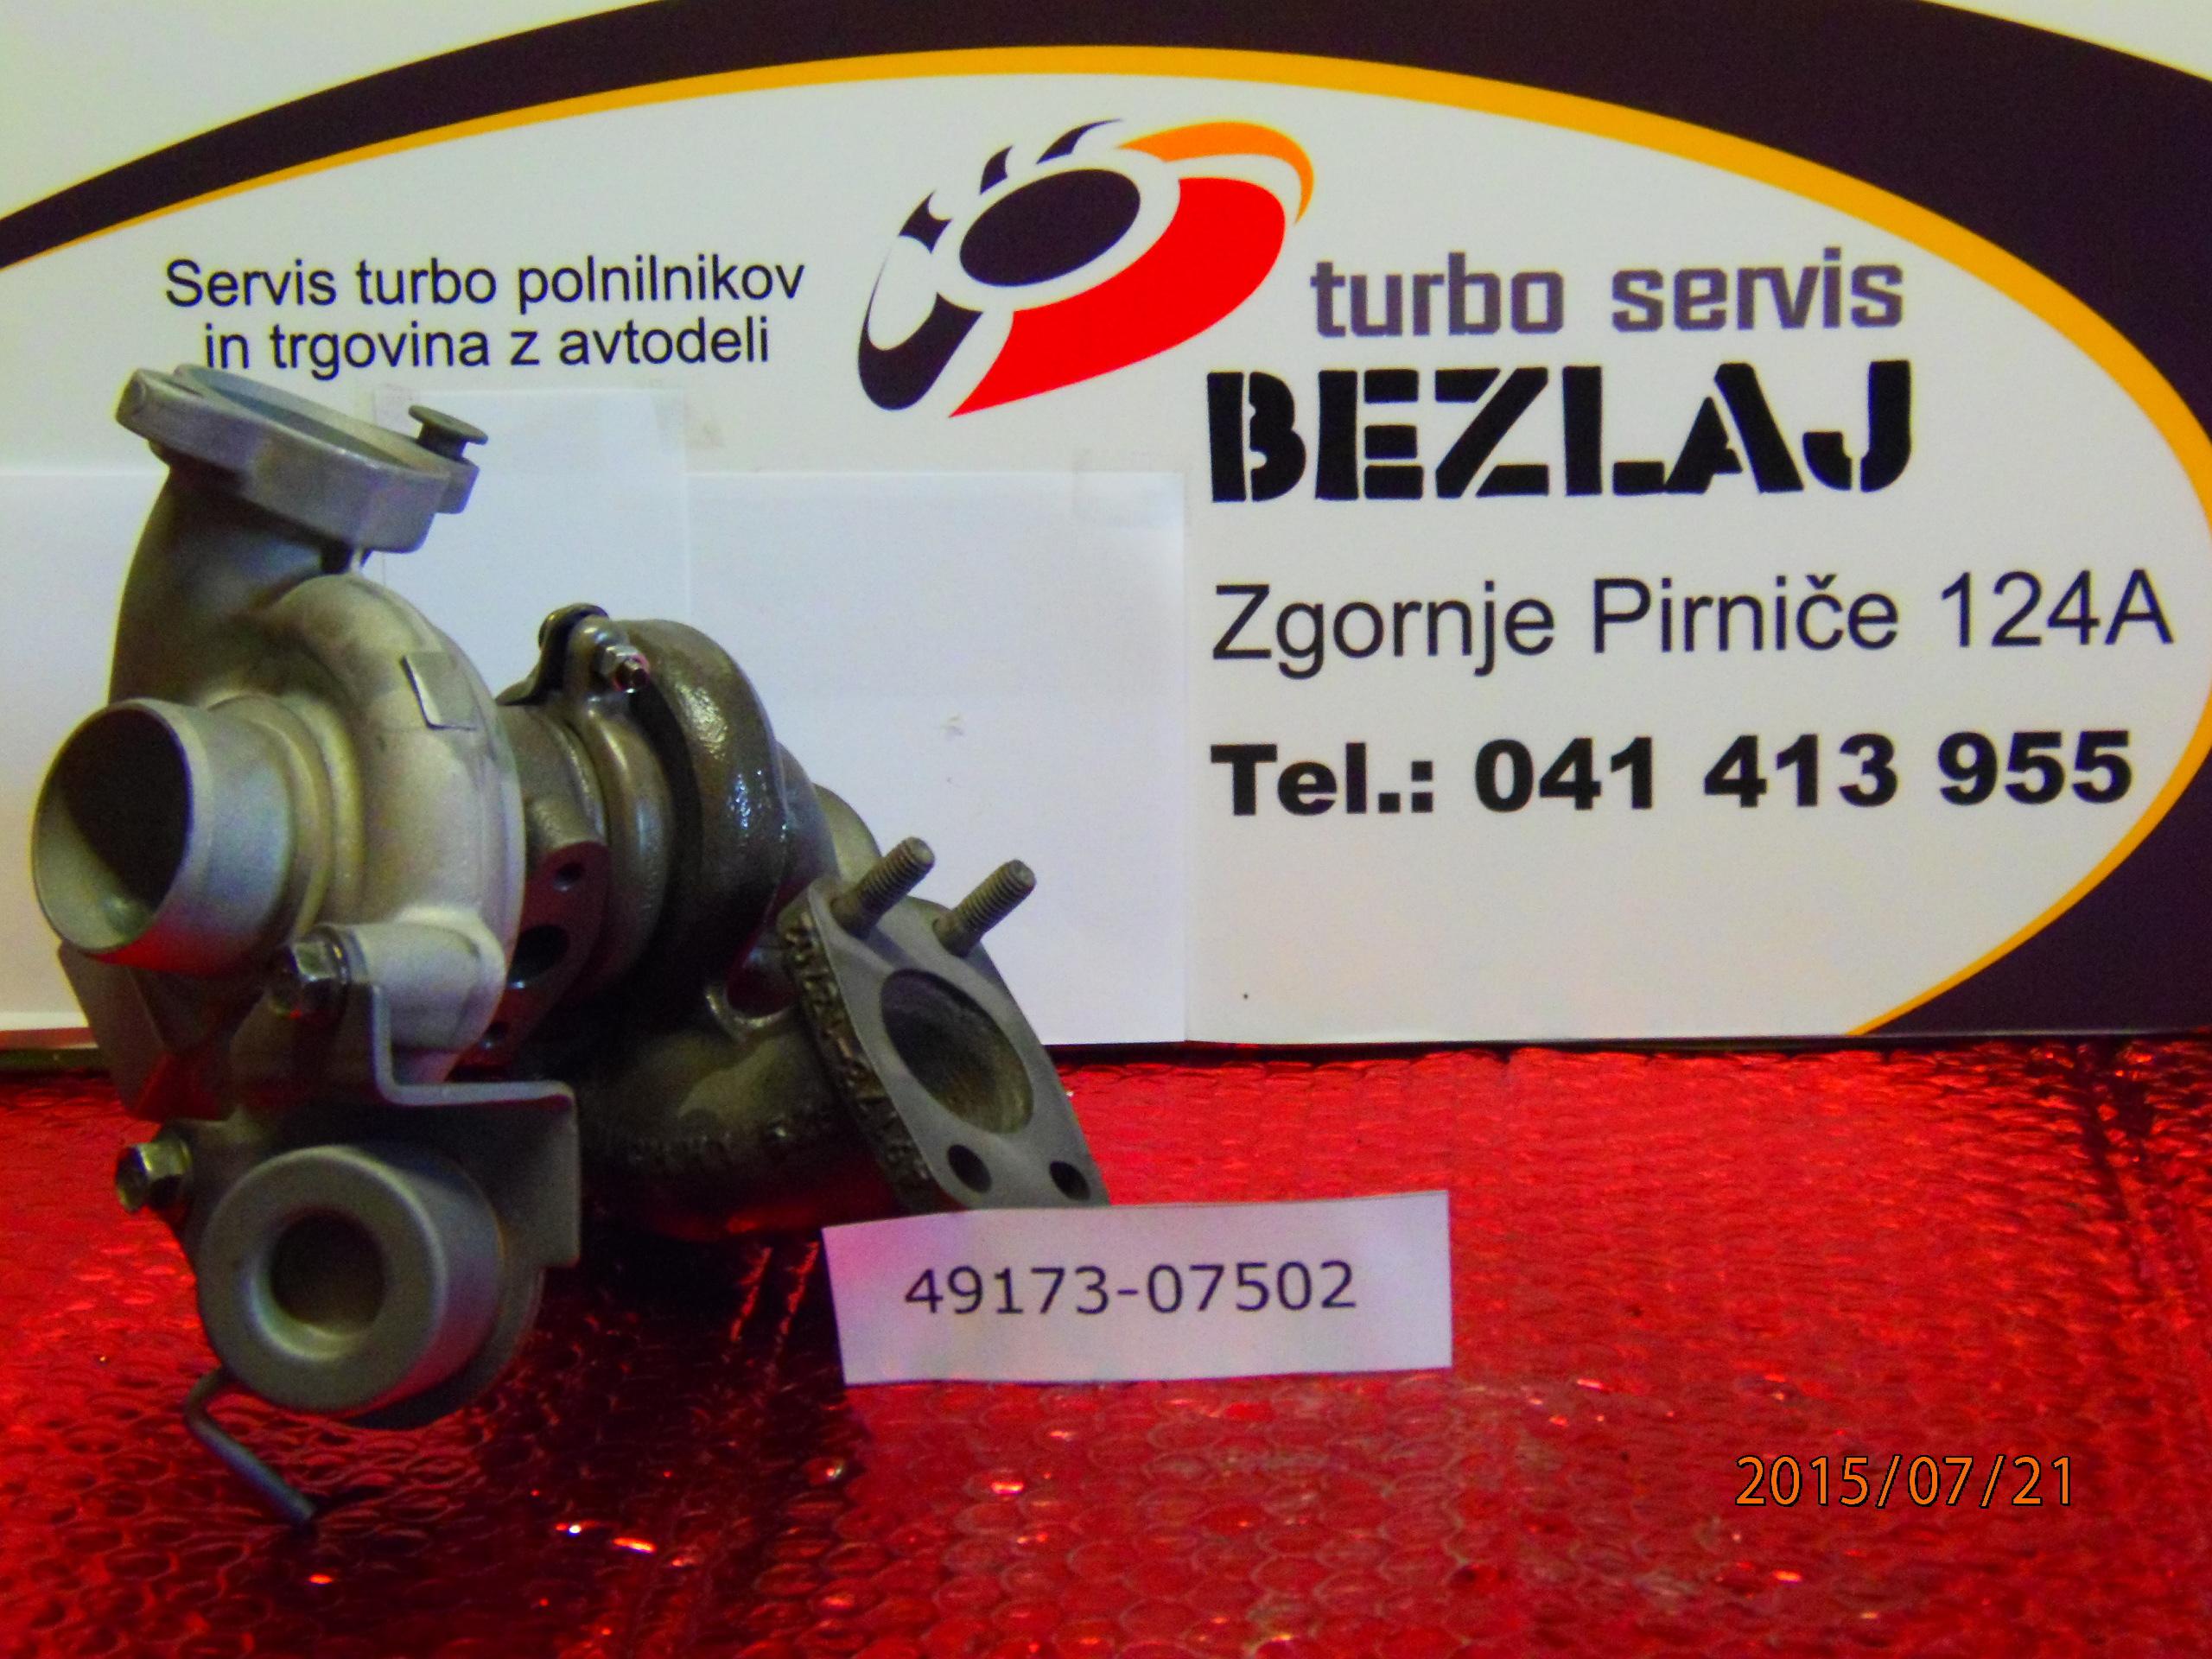 turbo49173-07502